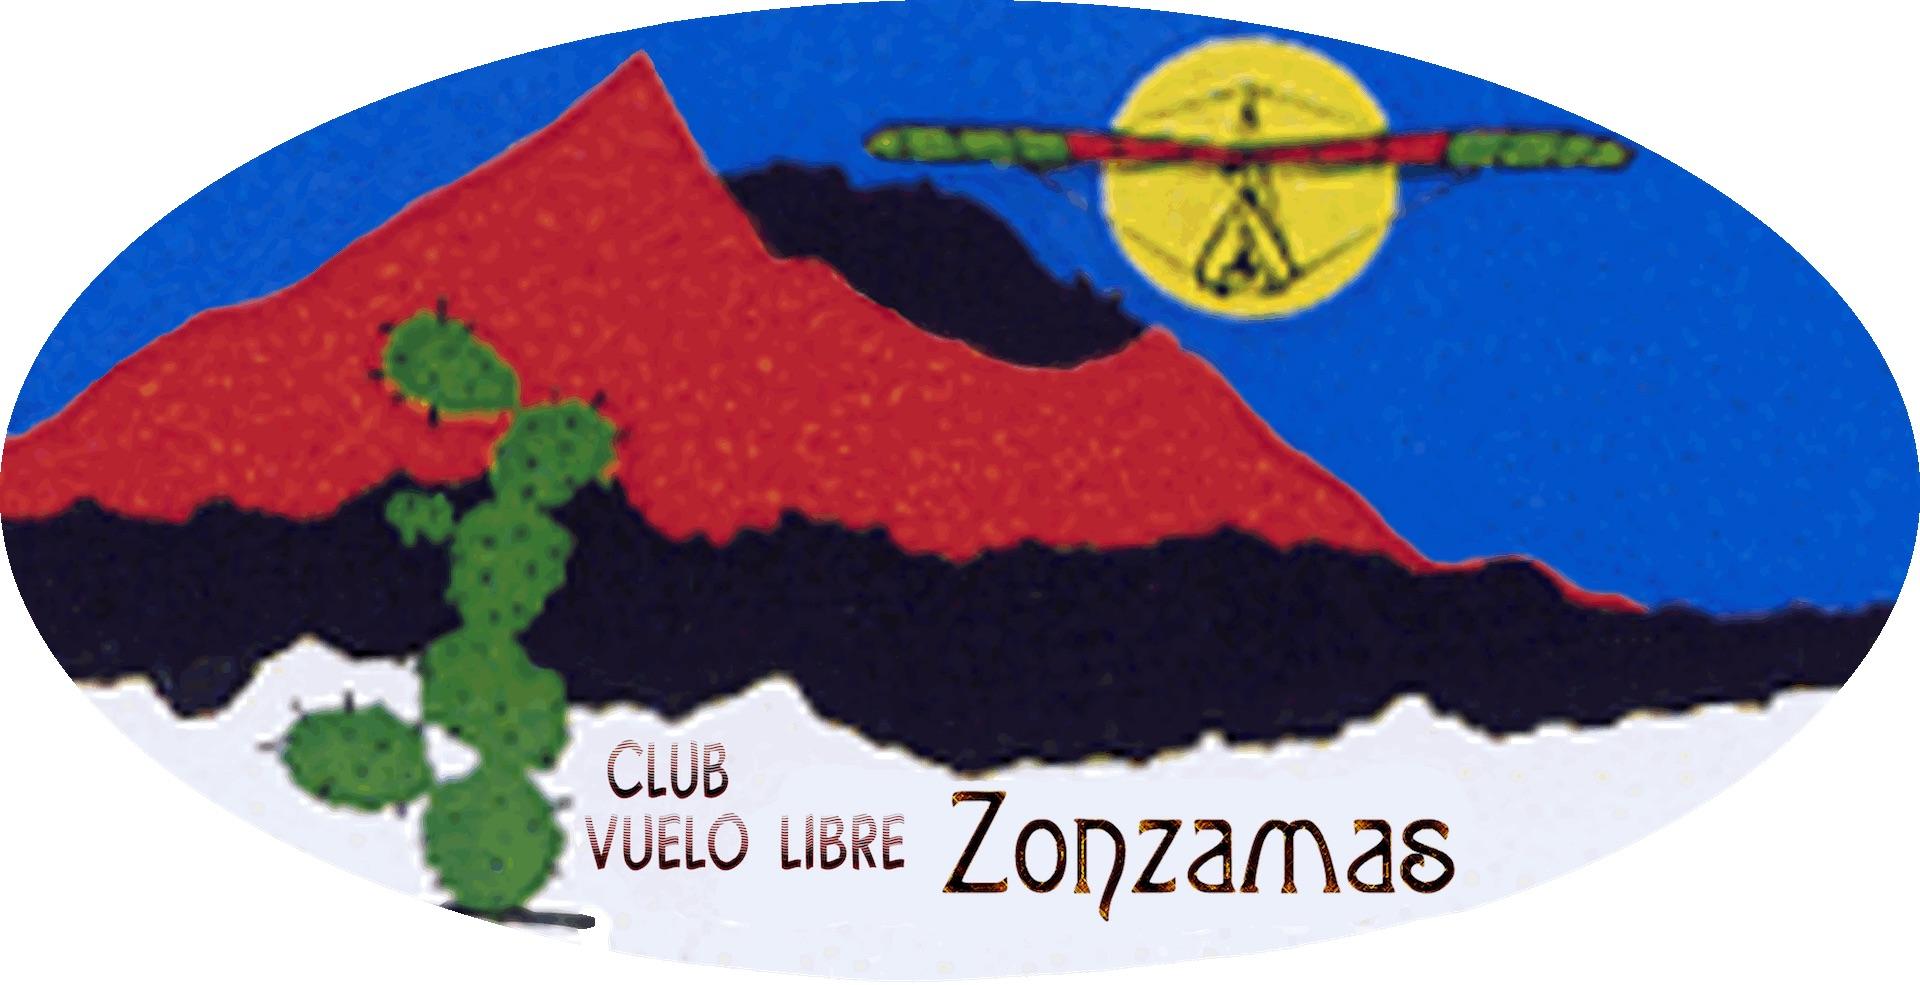 CVL ZONZAMAS LOGO